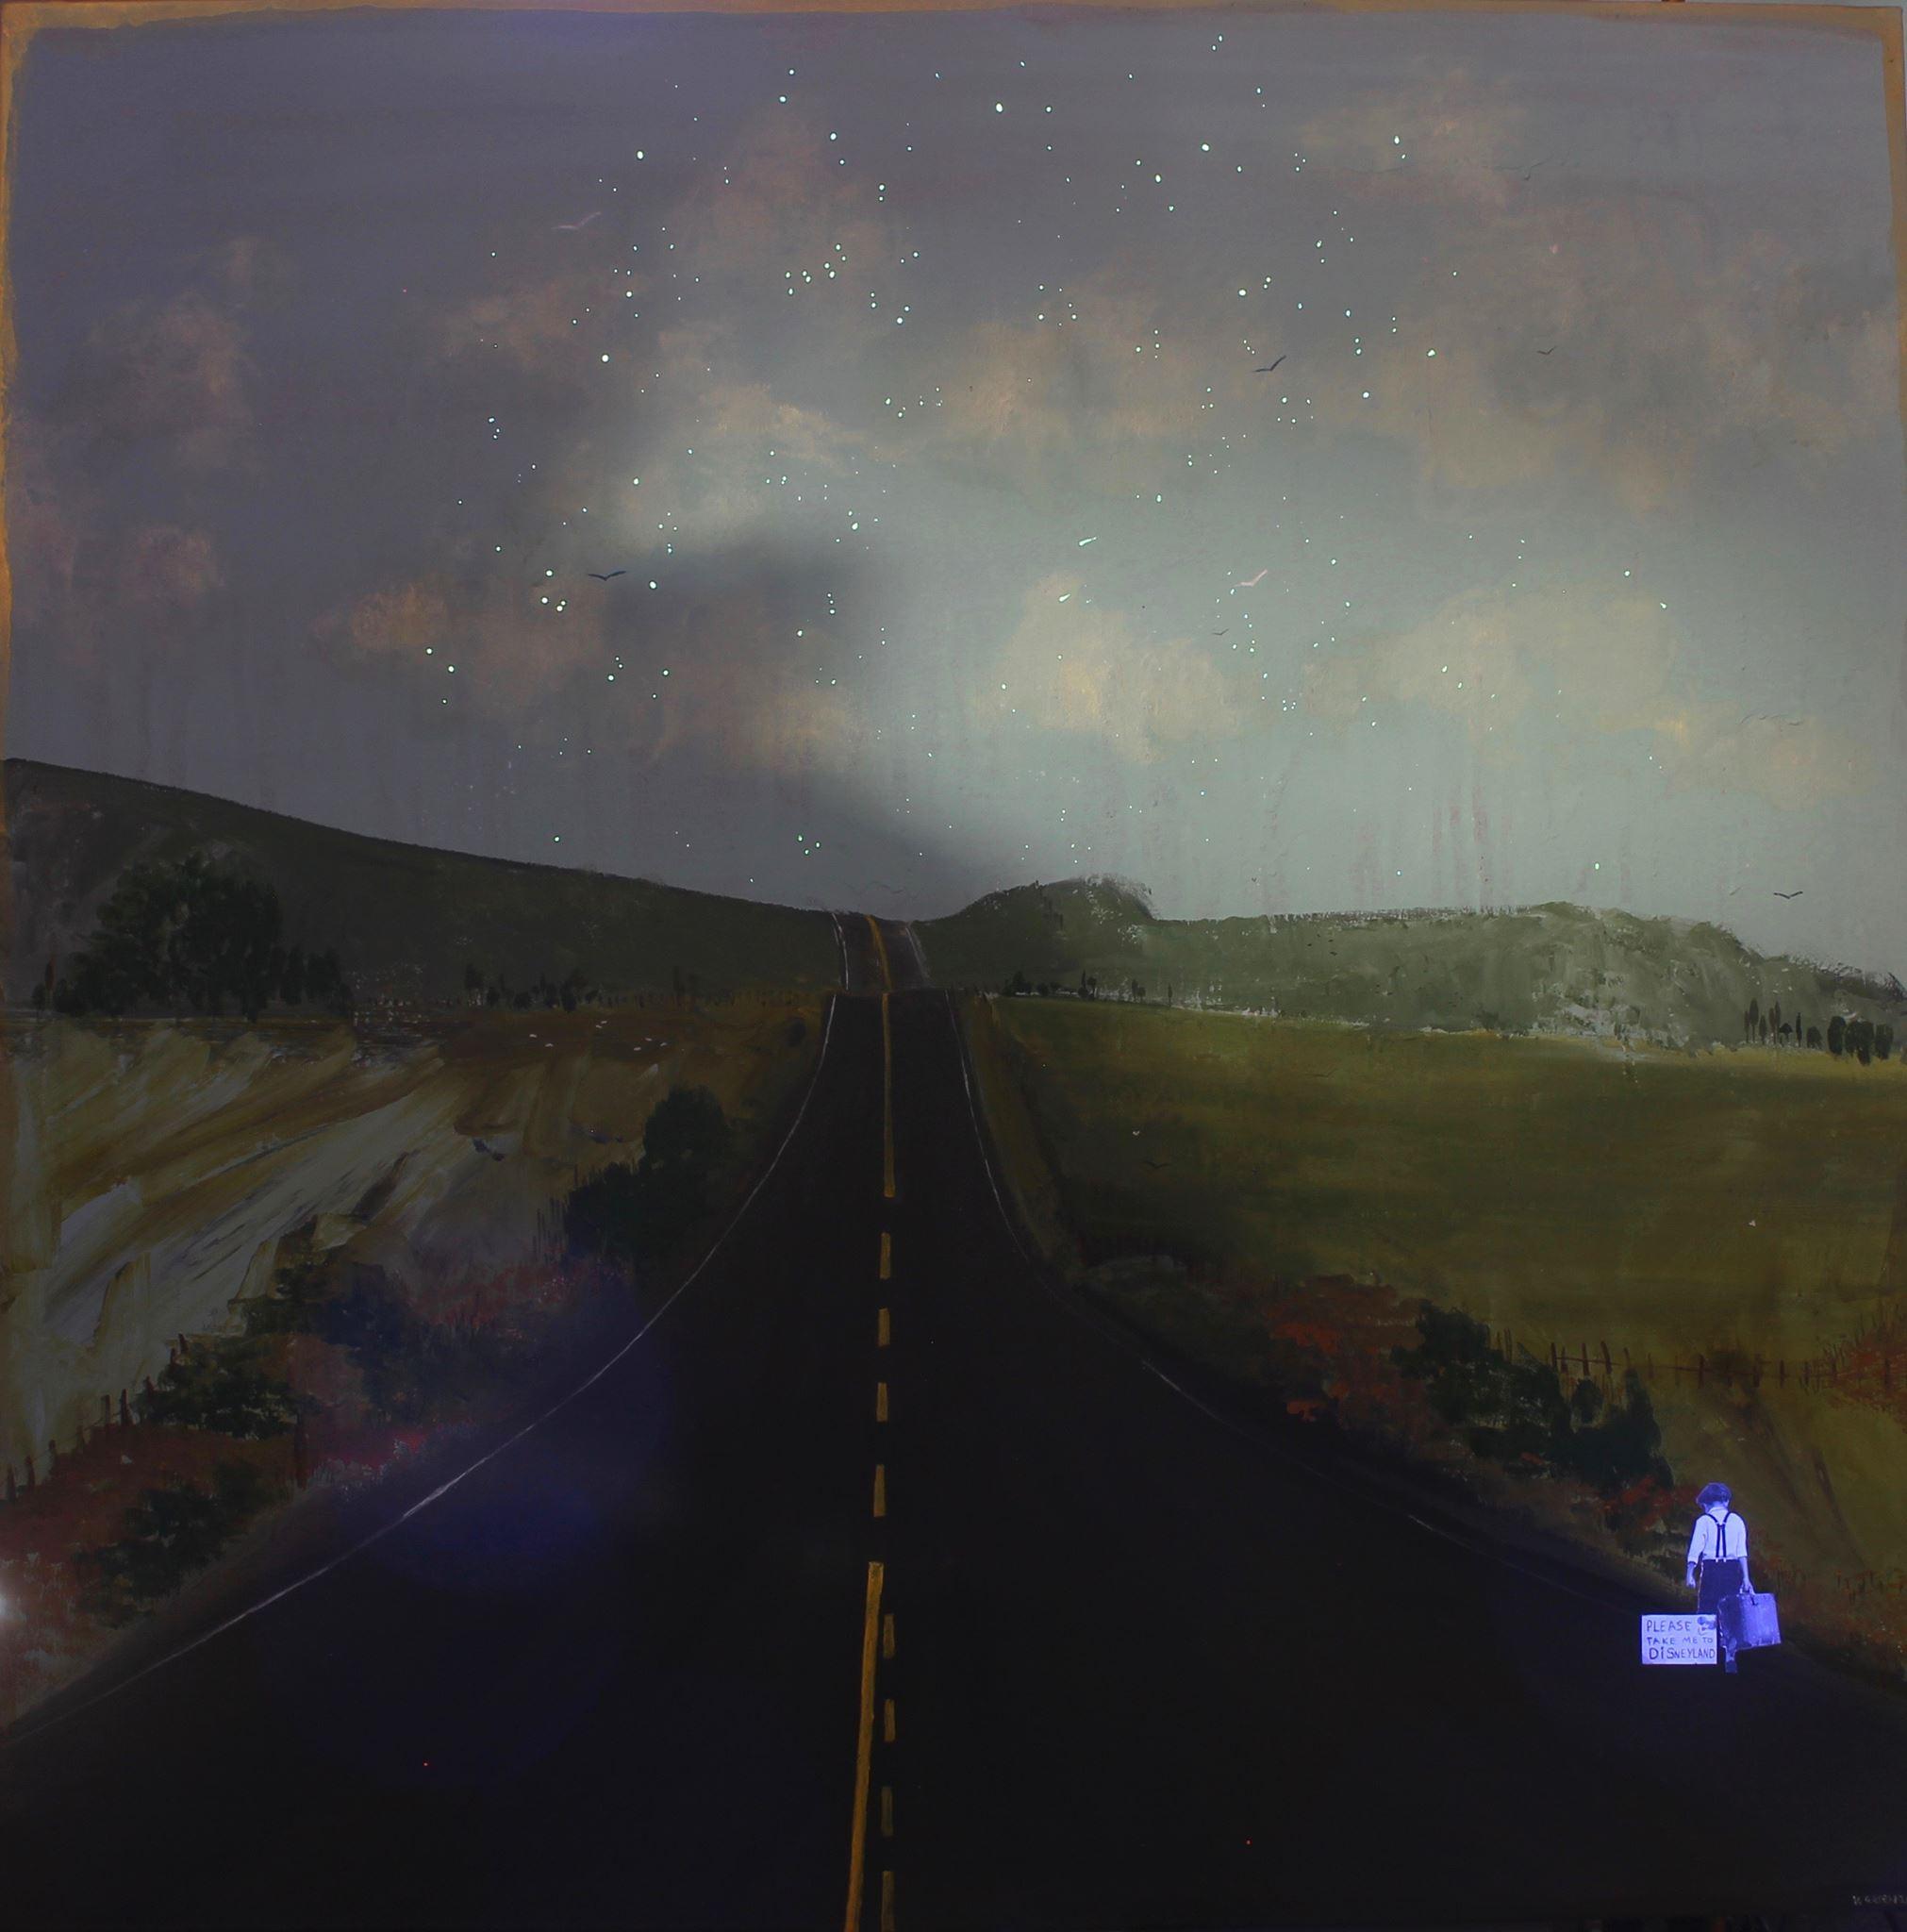 Road Trip - Under UV Light